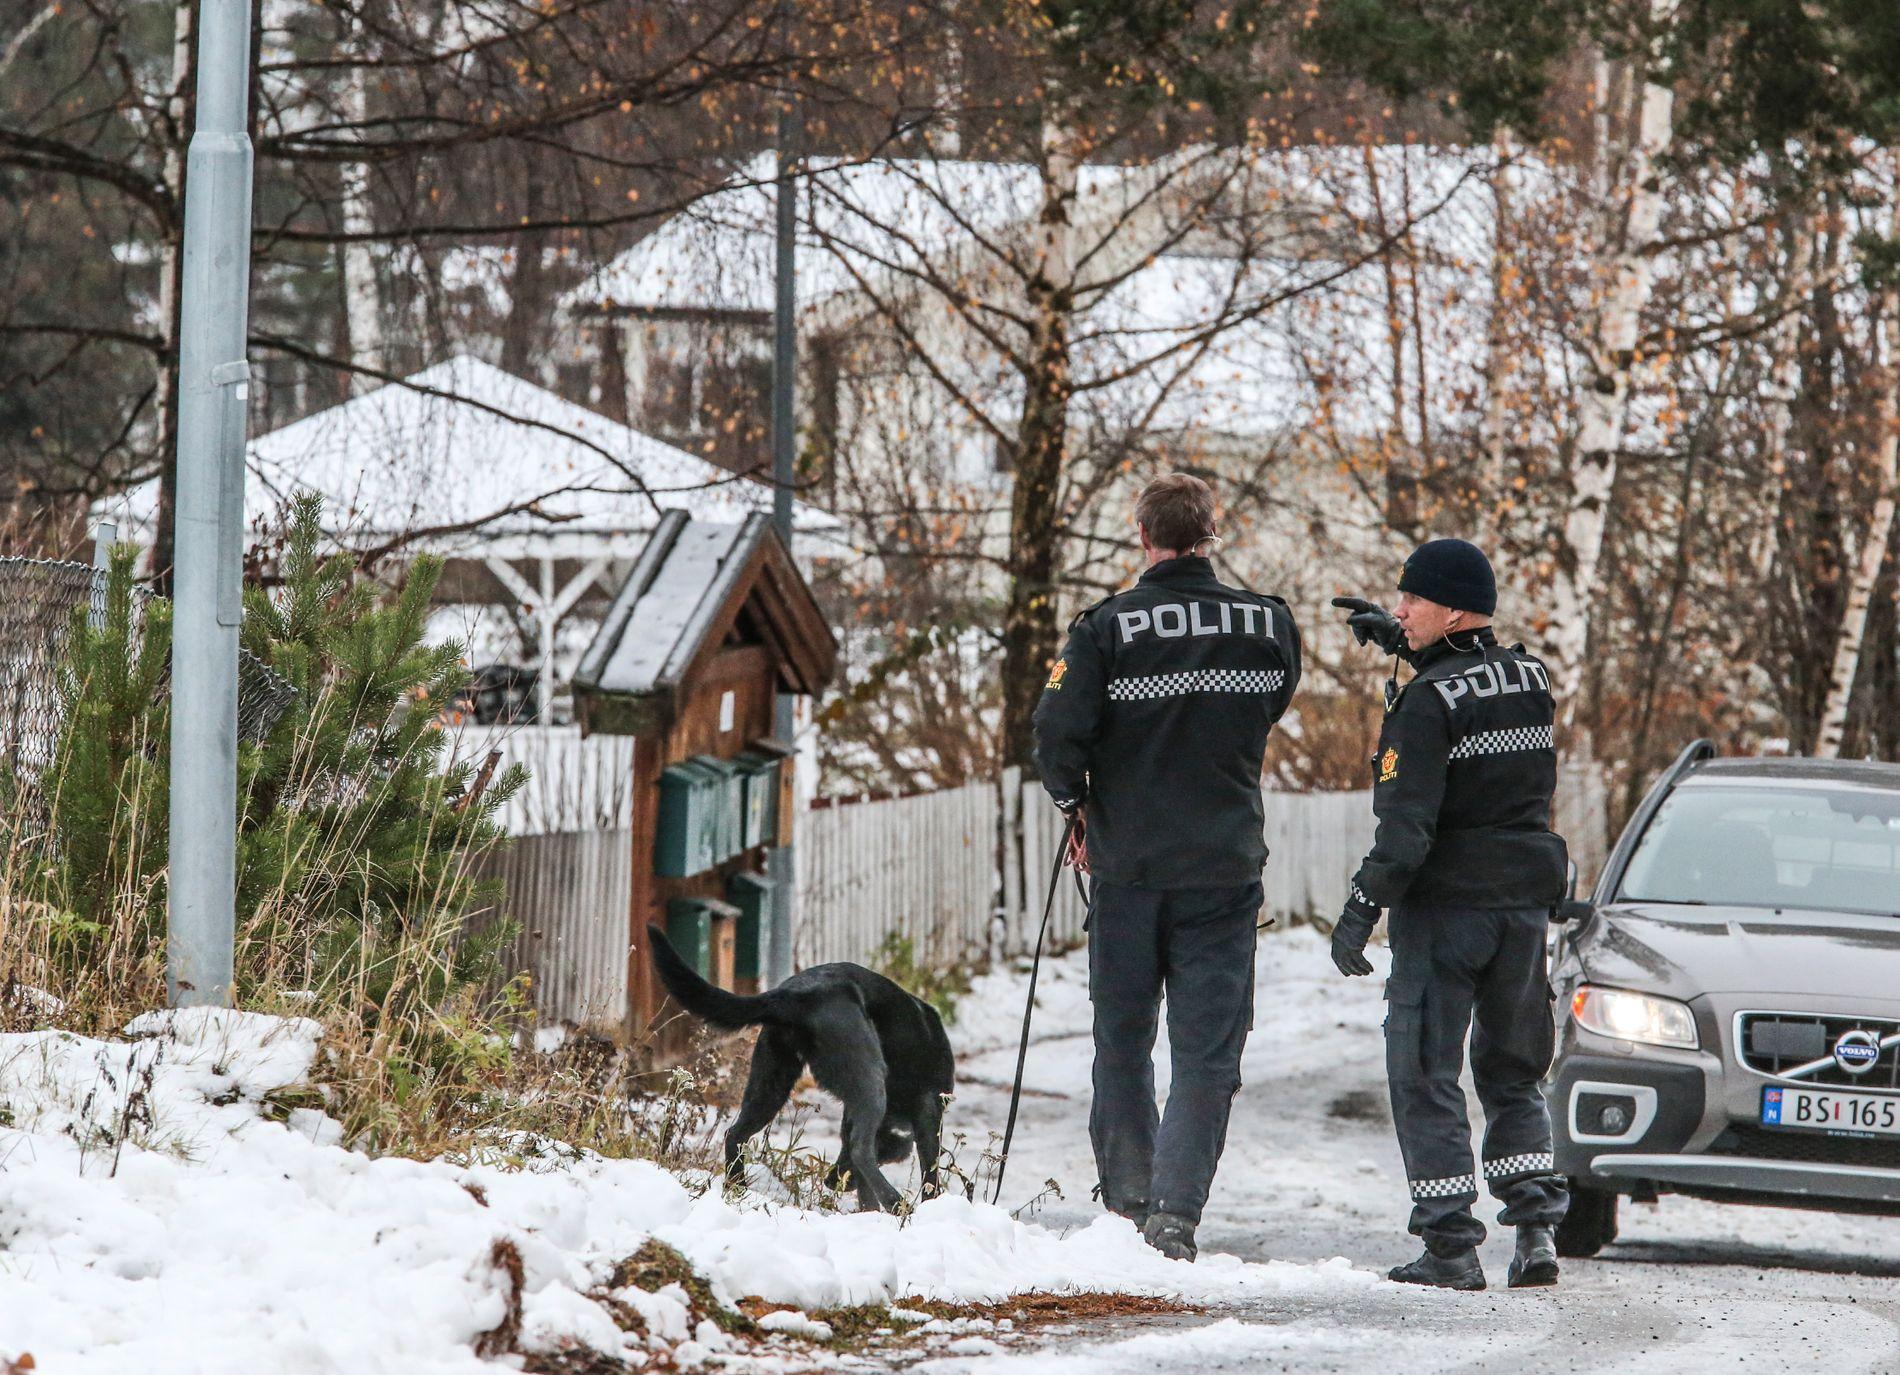 SØK MED HUND: Torsdag gikk politiet dør-til-dør og søkte med hund i området der en 16 år gammel jente ble funnet drept onsdag.